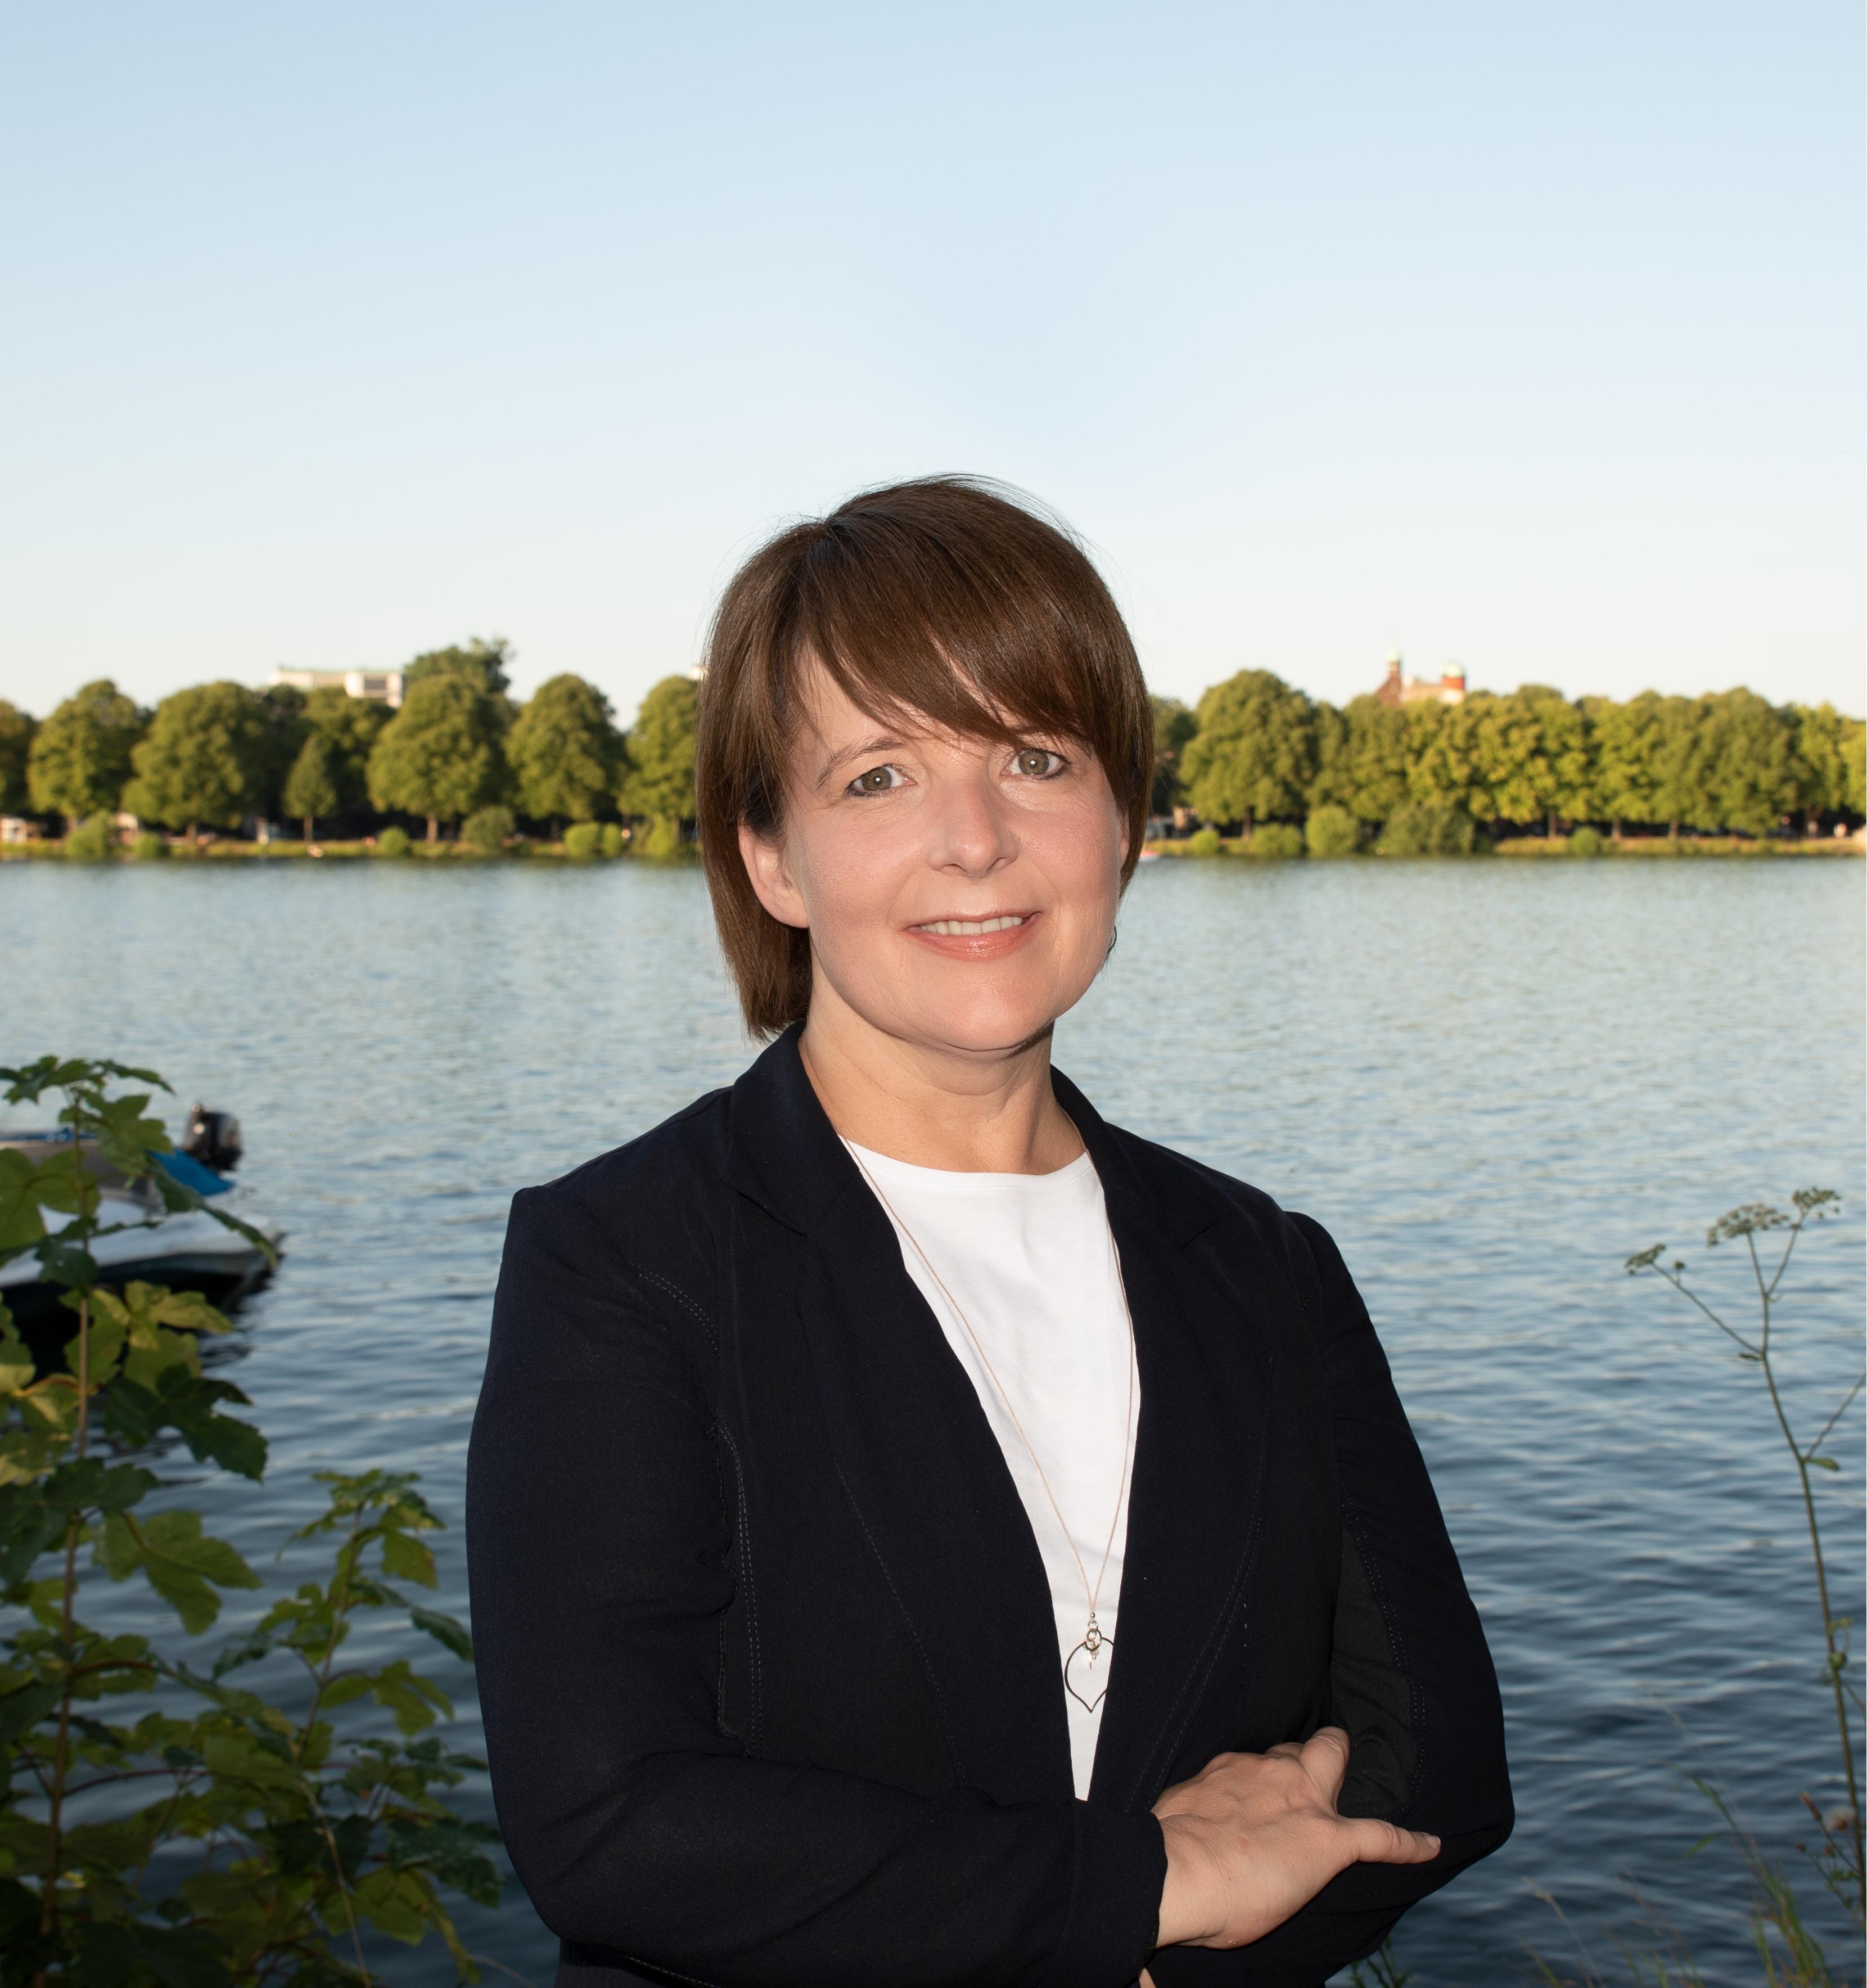 Projekt Management Hannover - Christina Fink